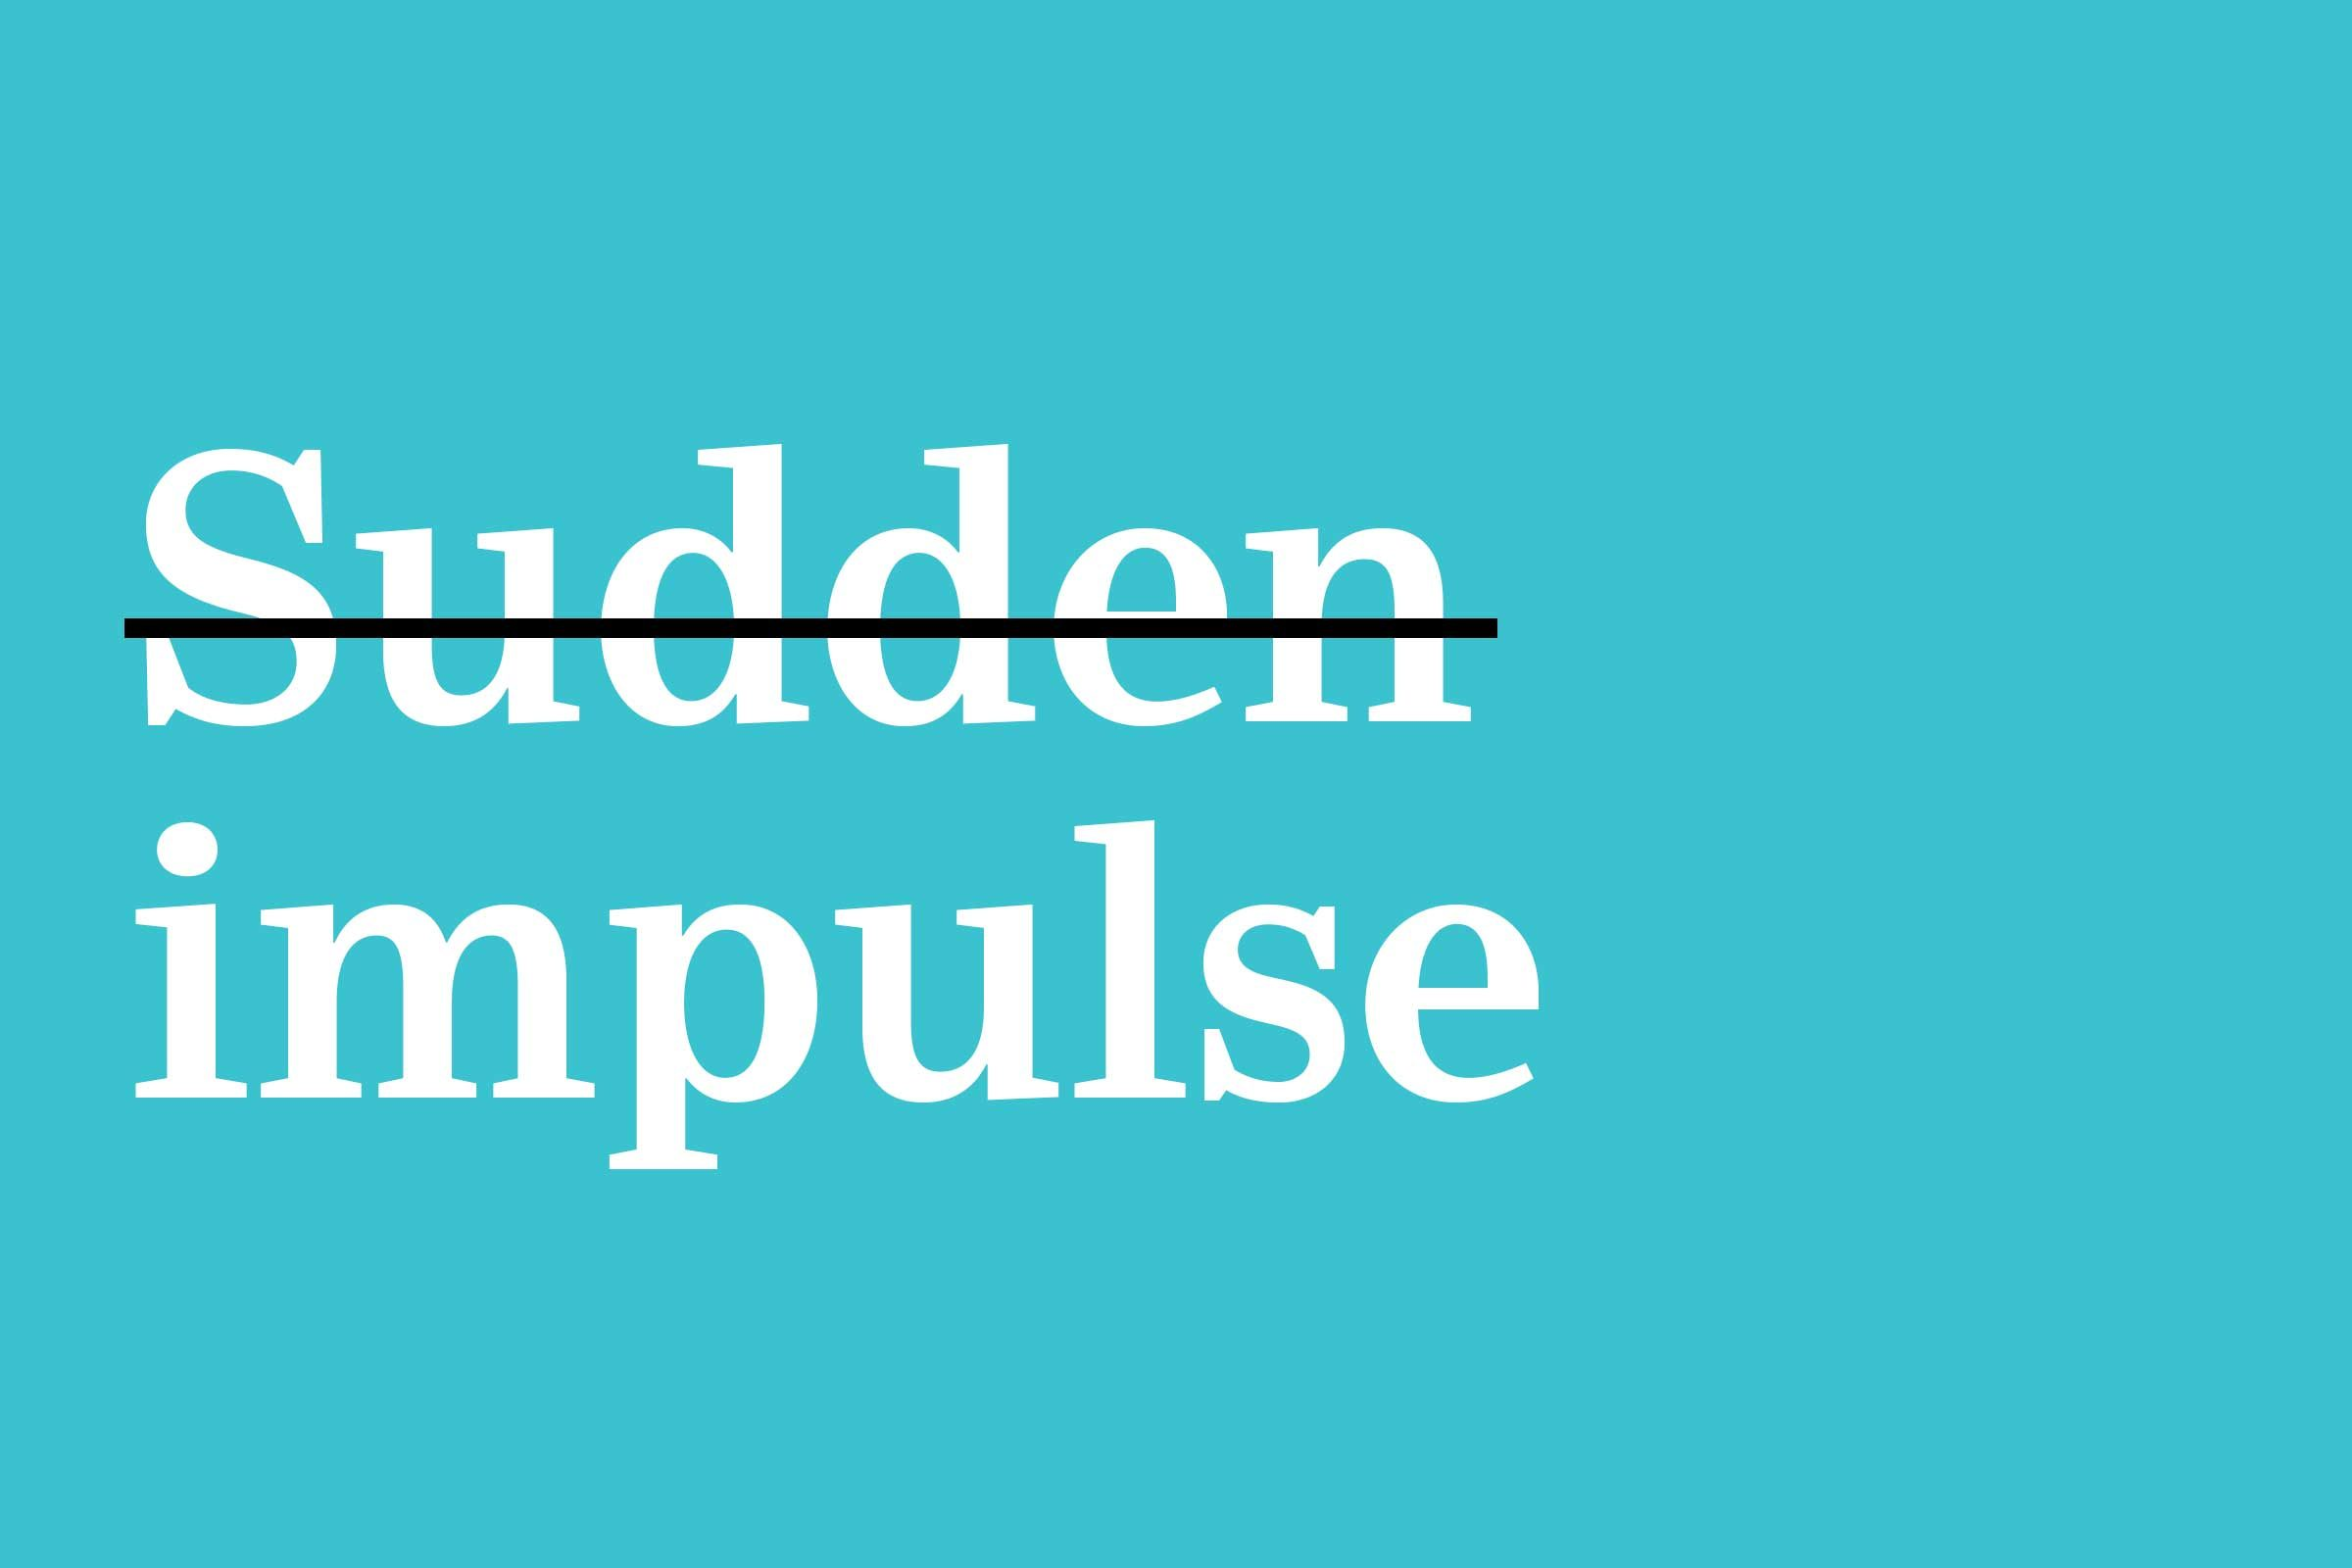 sudden impulse